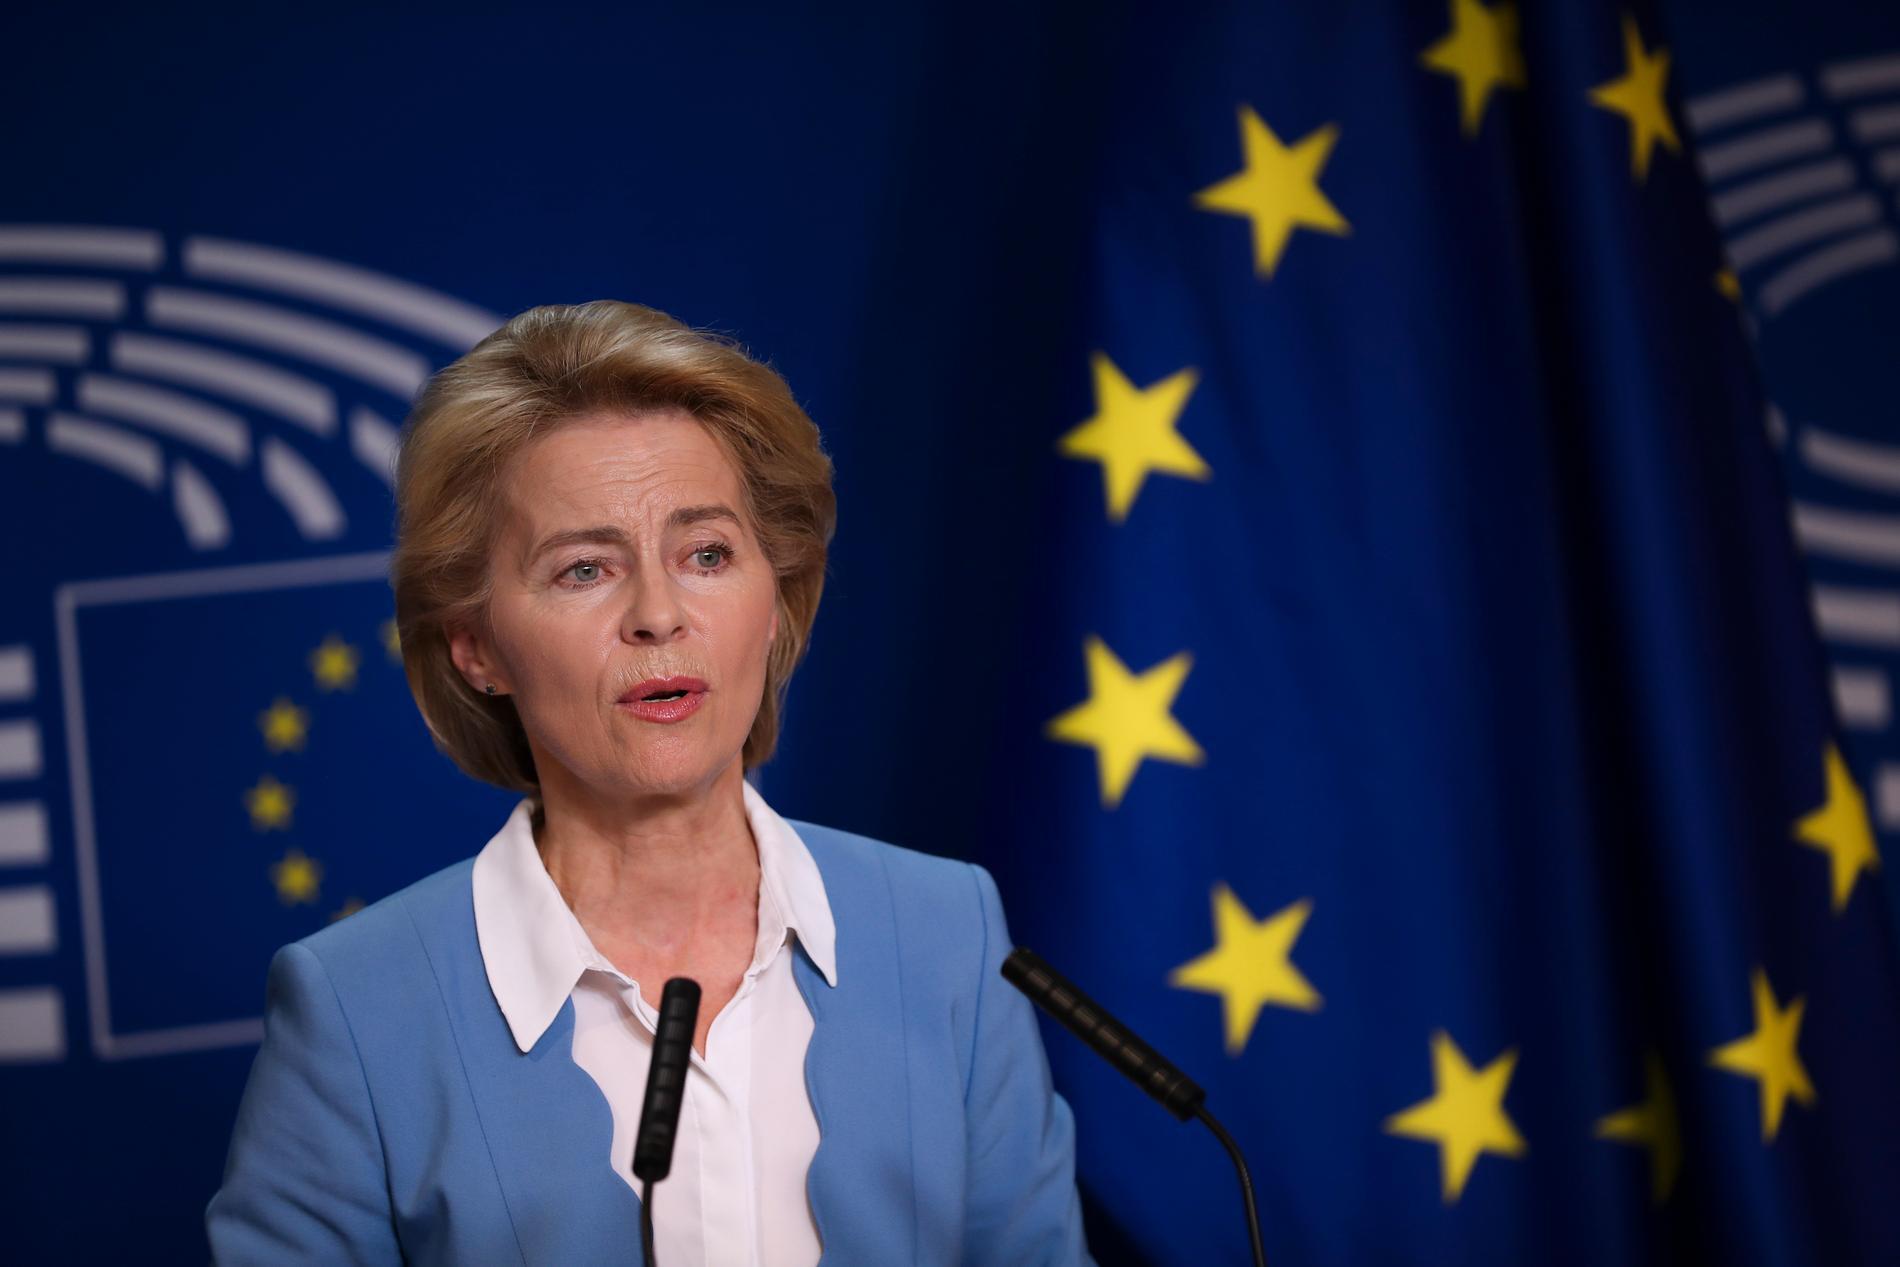 Ursula von der Leyen är EU-kommissionens konservativa, nya ordförande. Hon valdes till stor del på socialdemokratiska löften.